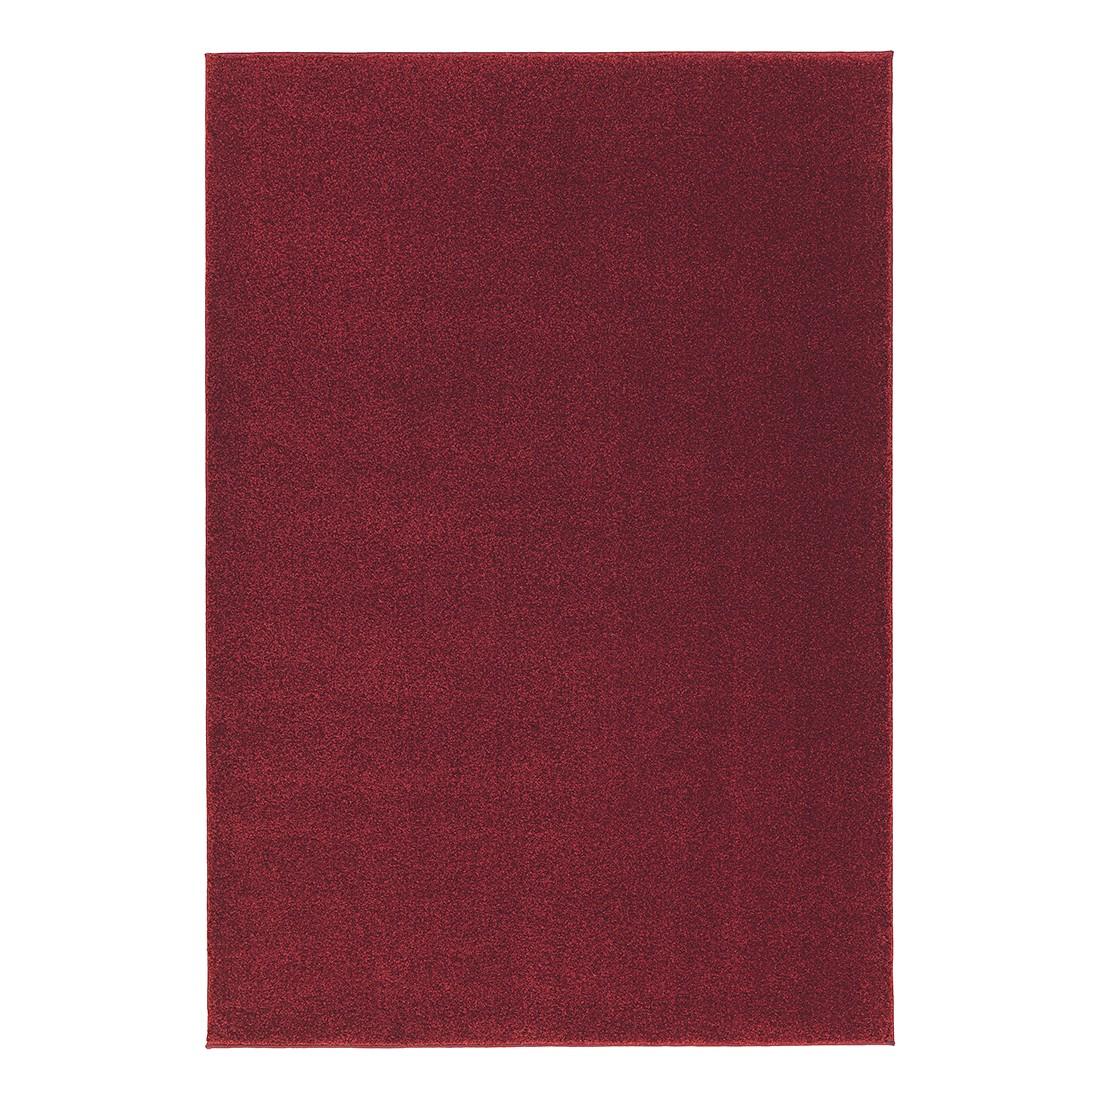 Tapijt Samoa I - rood - maat: 120x180cm, Astra